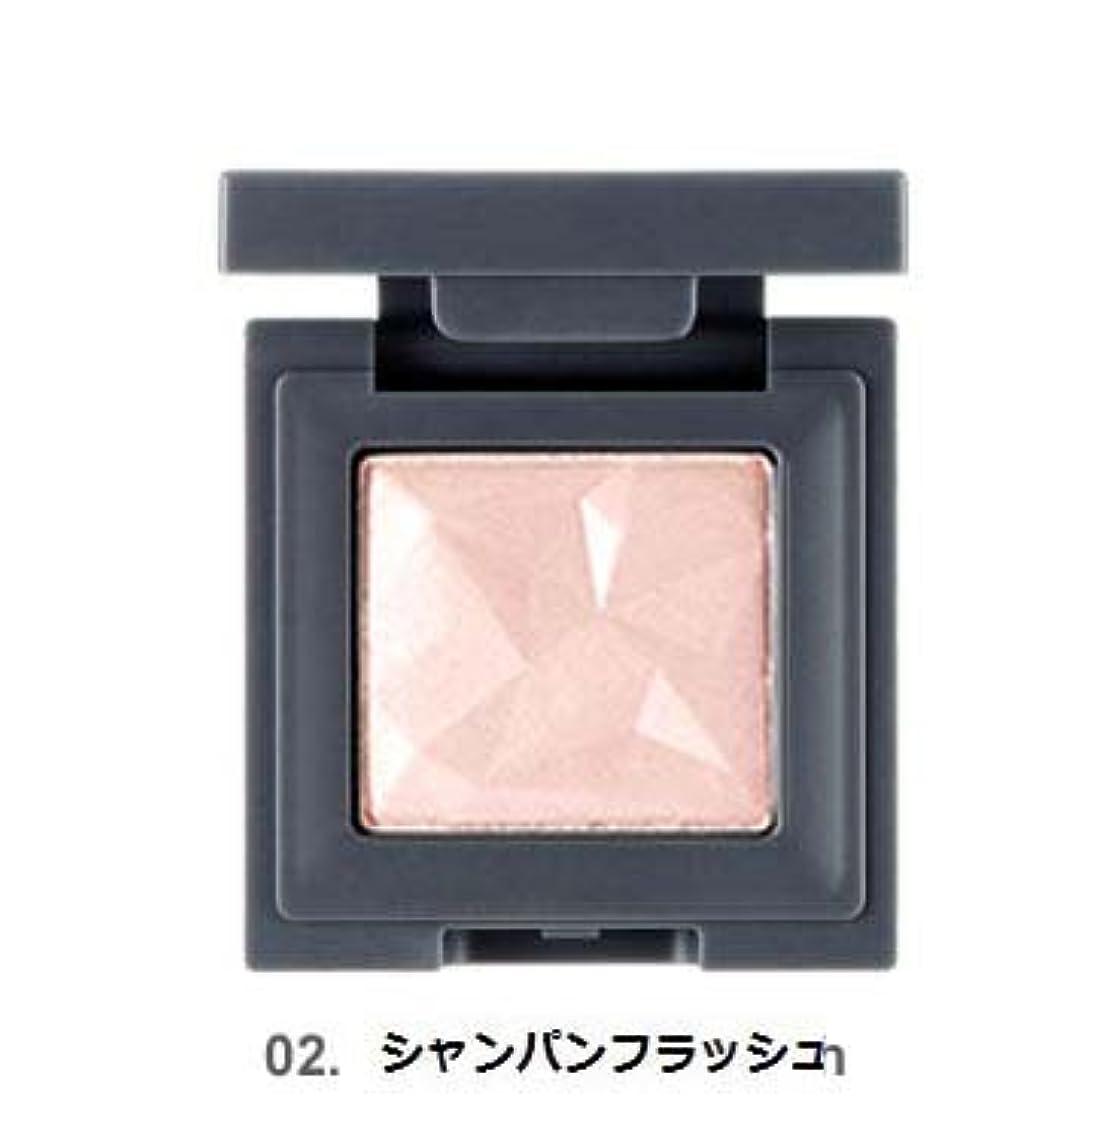 ストッキング肥沃なそれに応じて[ザ?フェイスショップ] THE FACE SHOP [プリズム キューブ アイシャドウ 12カラー] (Prism Cube Eye Shadow 1.8g - 12 shades) [海外直送品] (02. シャンパンフラッシュ)